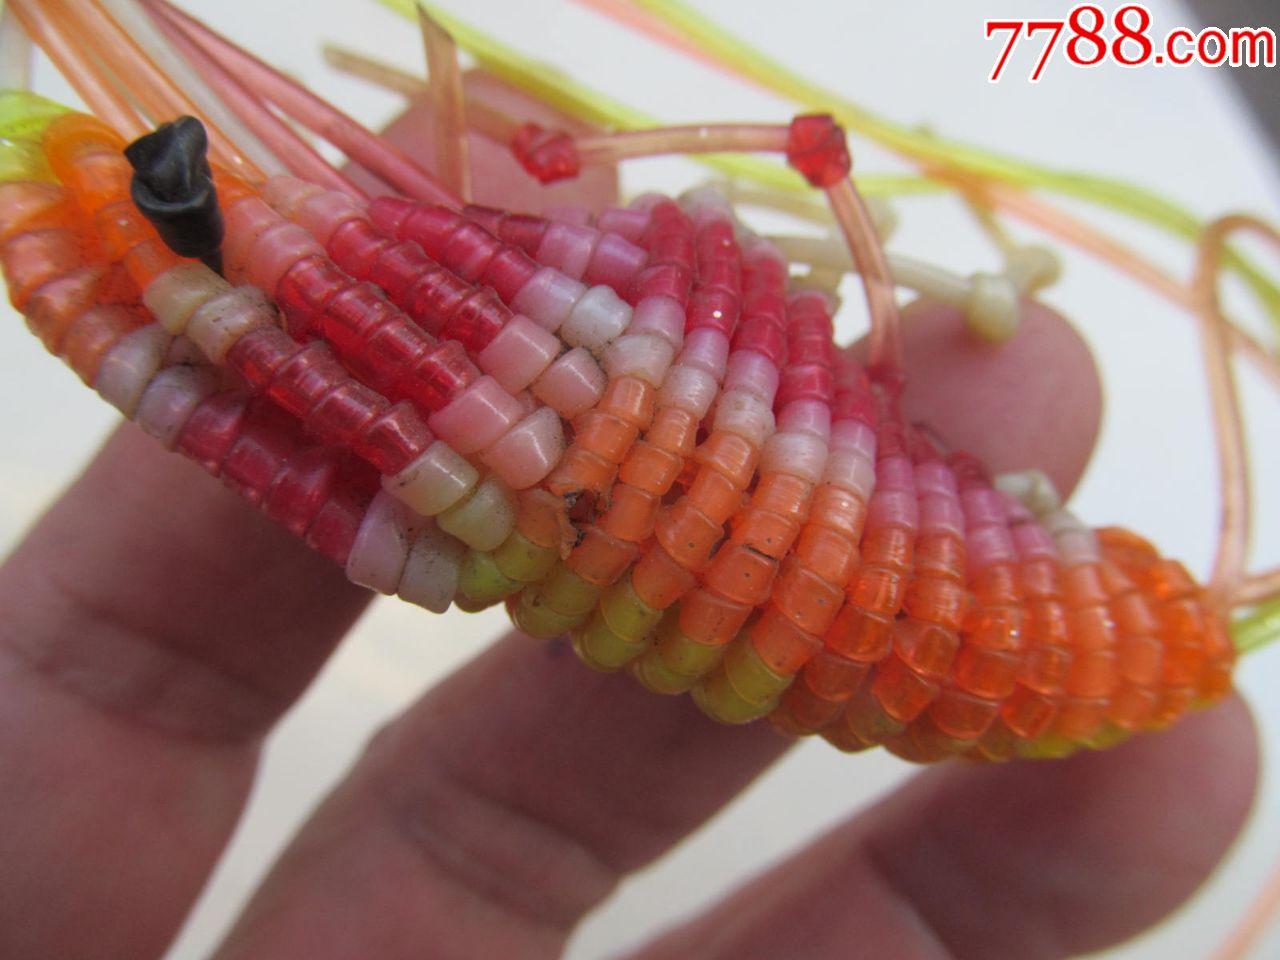 七八十年代手工编织的大虾,瑕疵在图中,请仔细阅